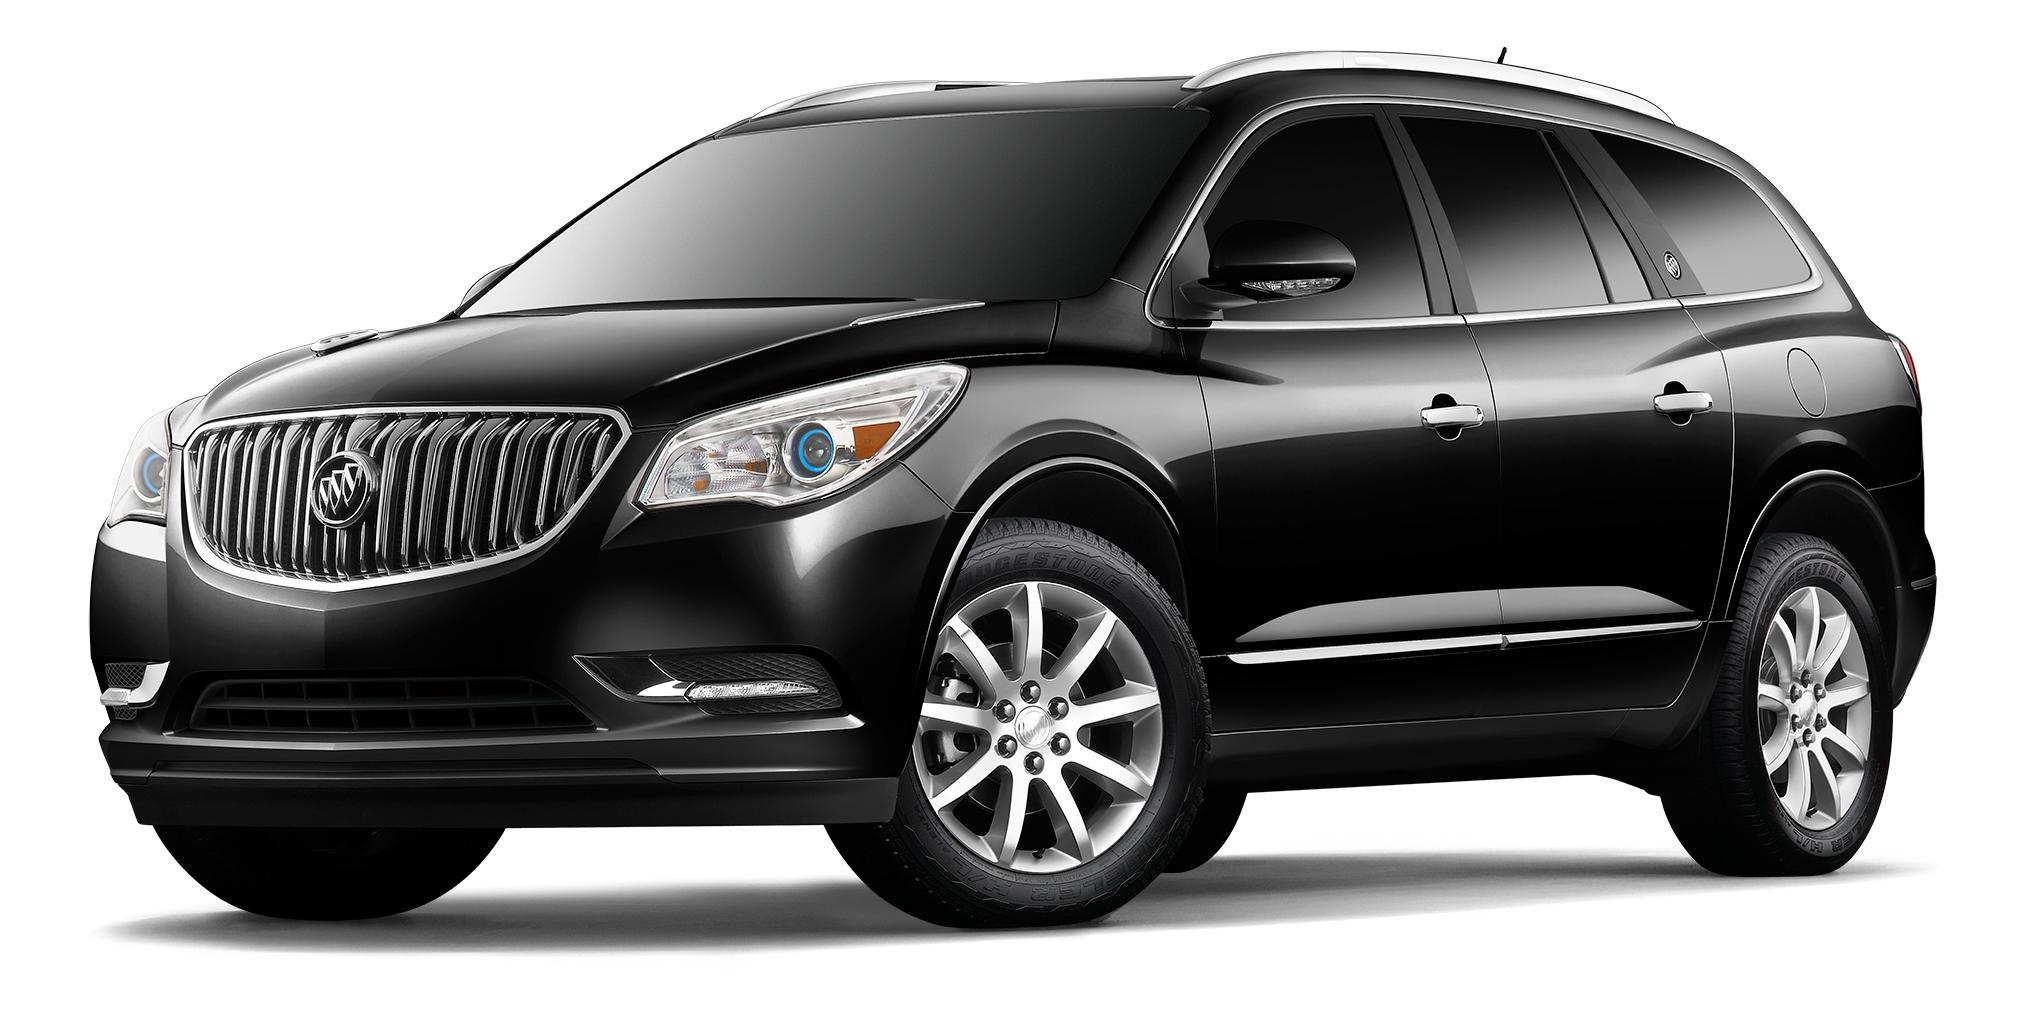 2017 Buick Enclave Black